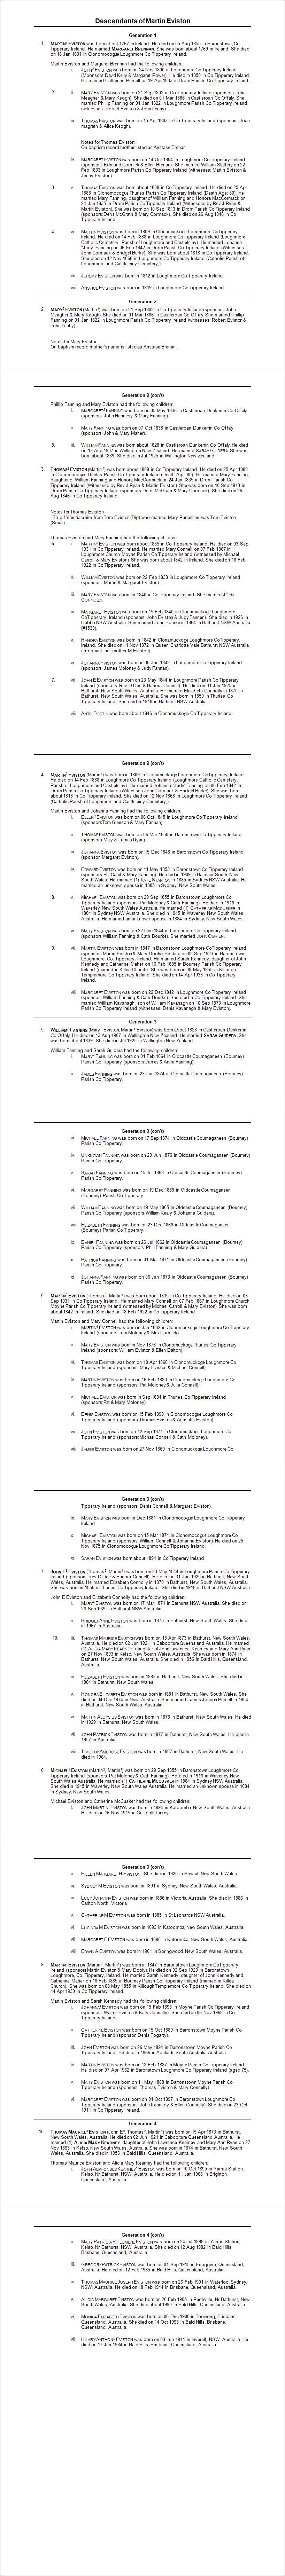 Martin Eviston Descendant Report 2015